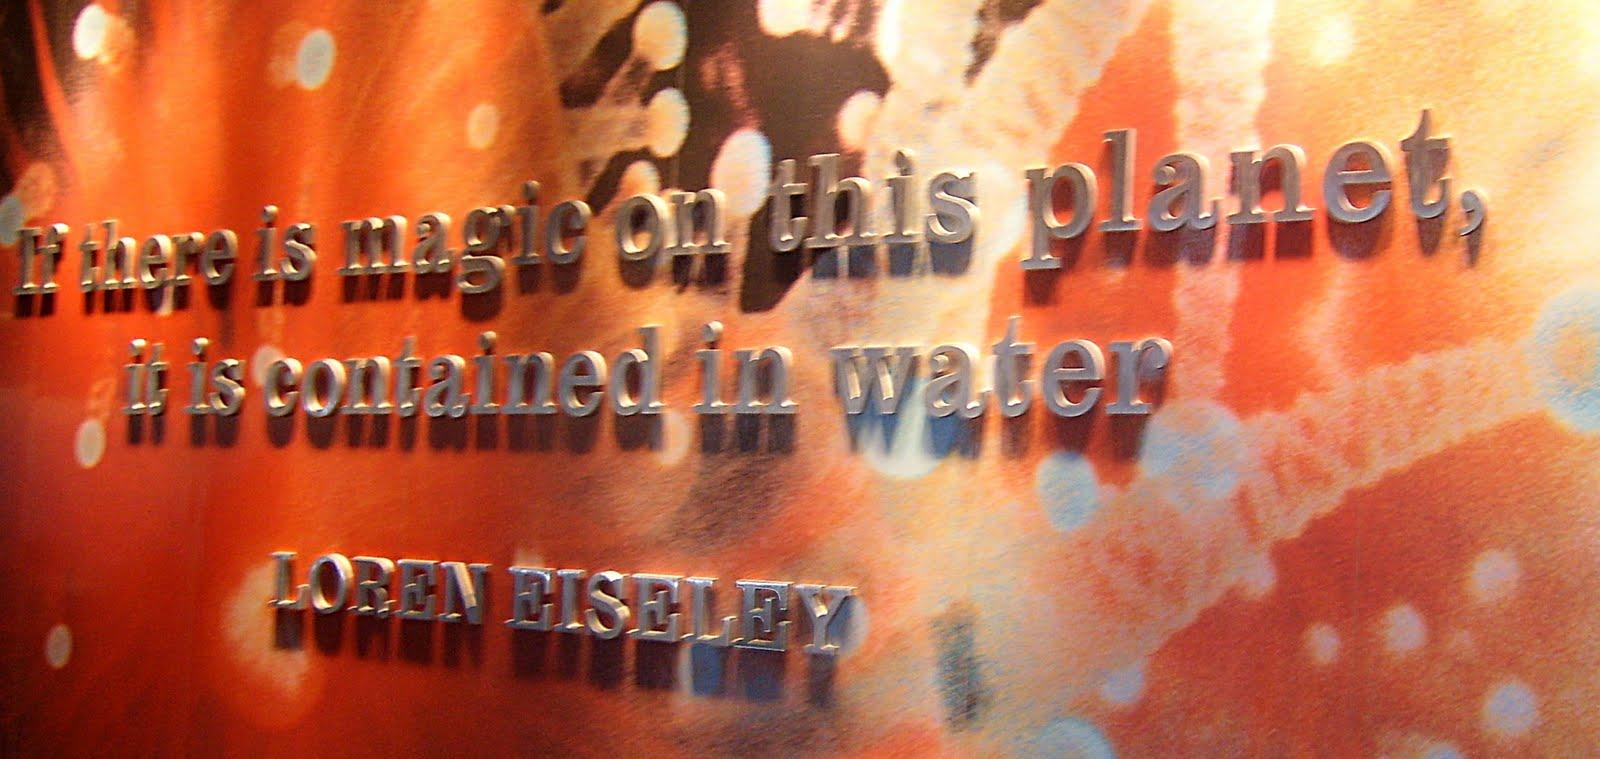 Loren Eiseley's quote #2